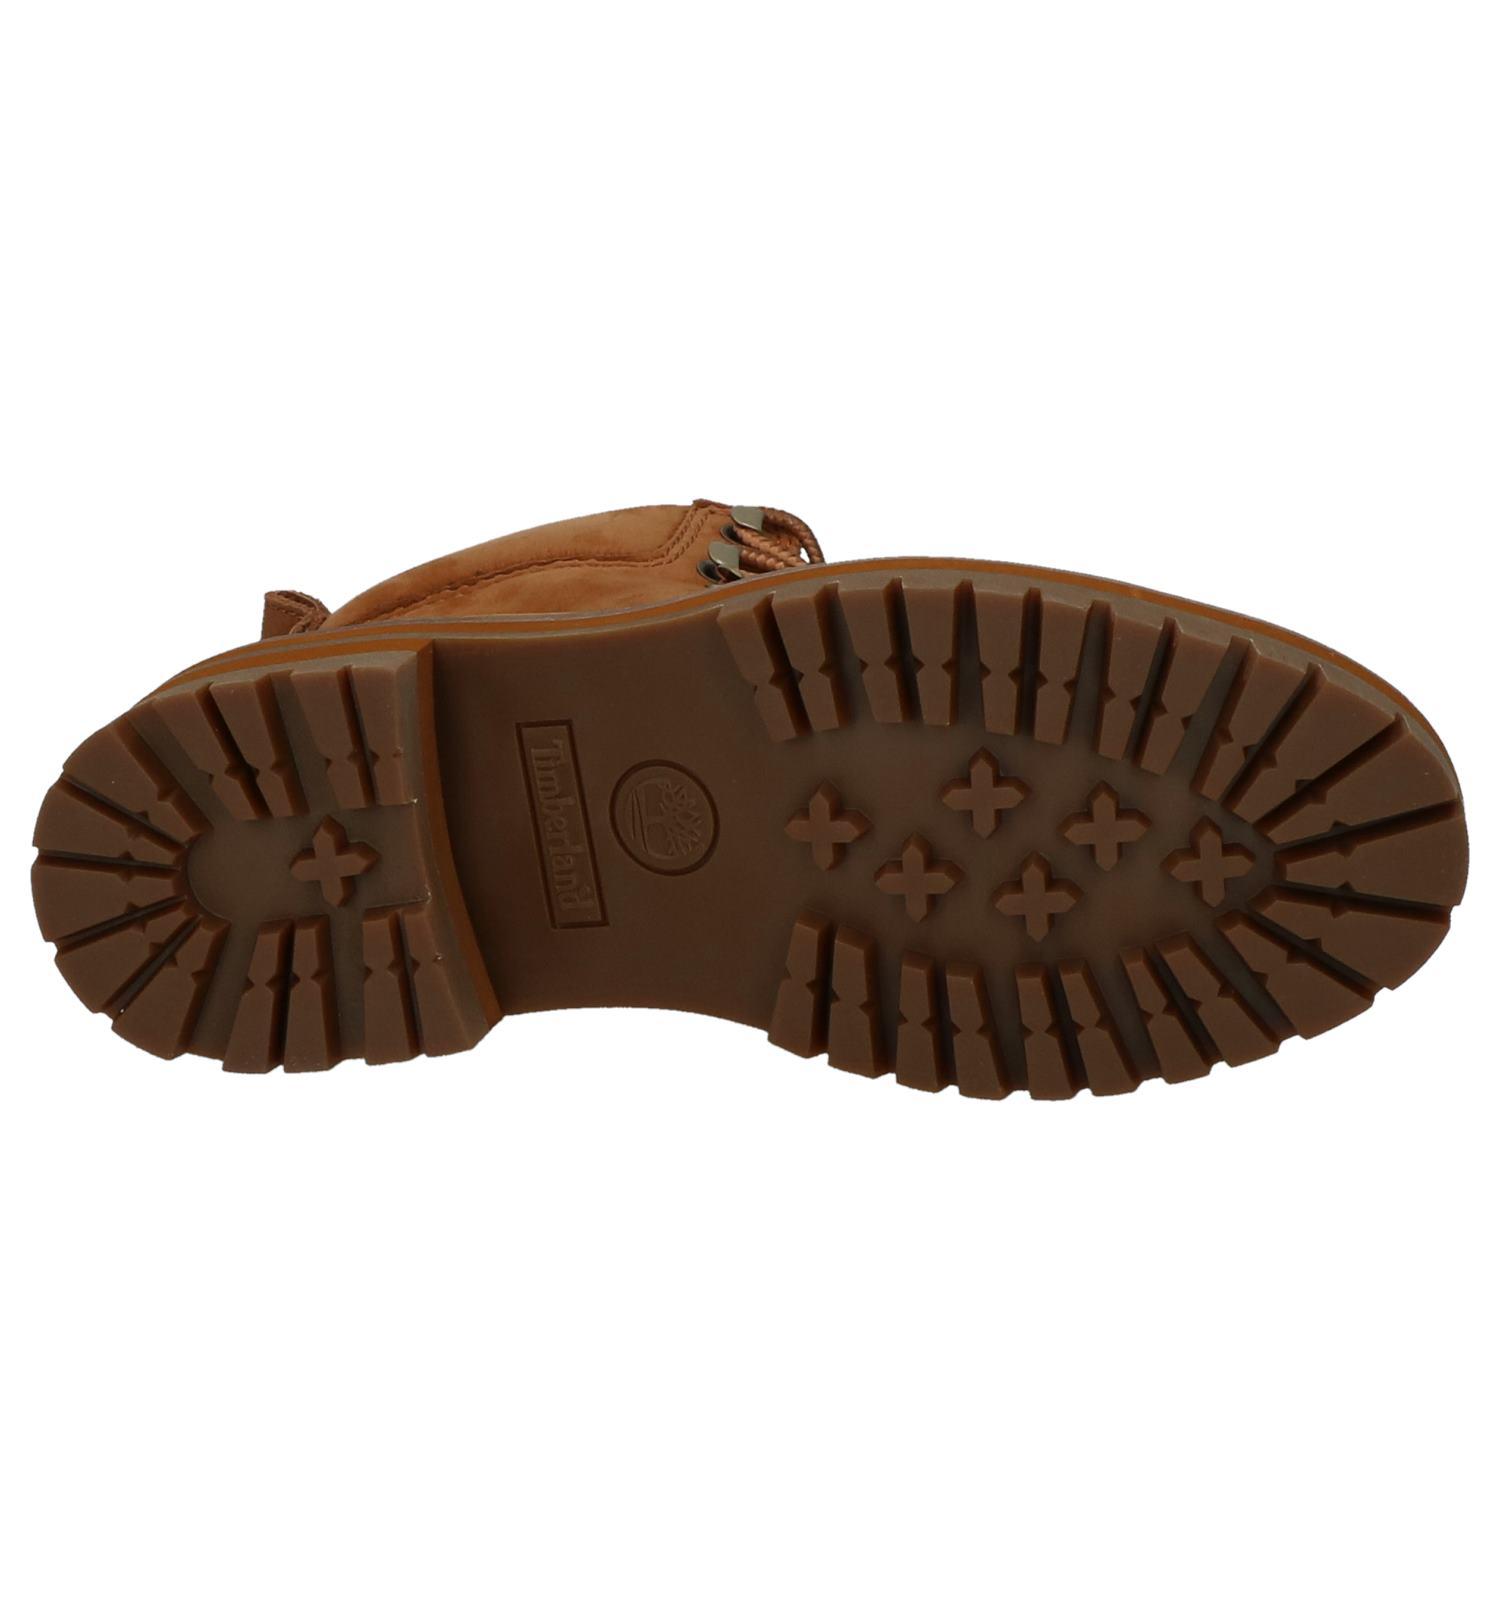 Courmayeur Boots Cognac Valley Courmayeur Courmayeur Cognac Boots Timberland Timberland Valley Boots Cognac Timberland rhQCBstdxo